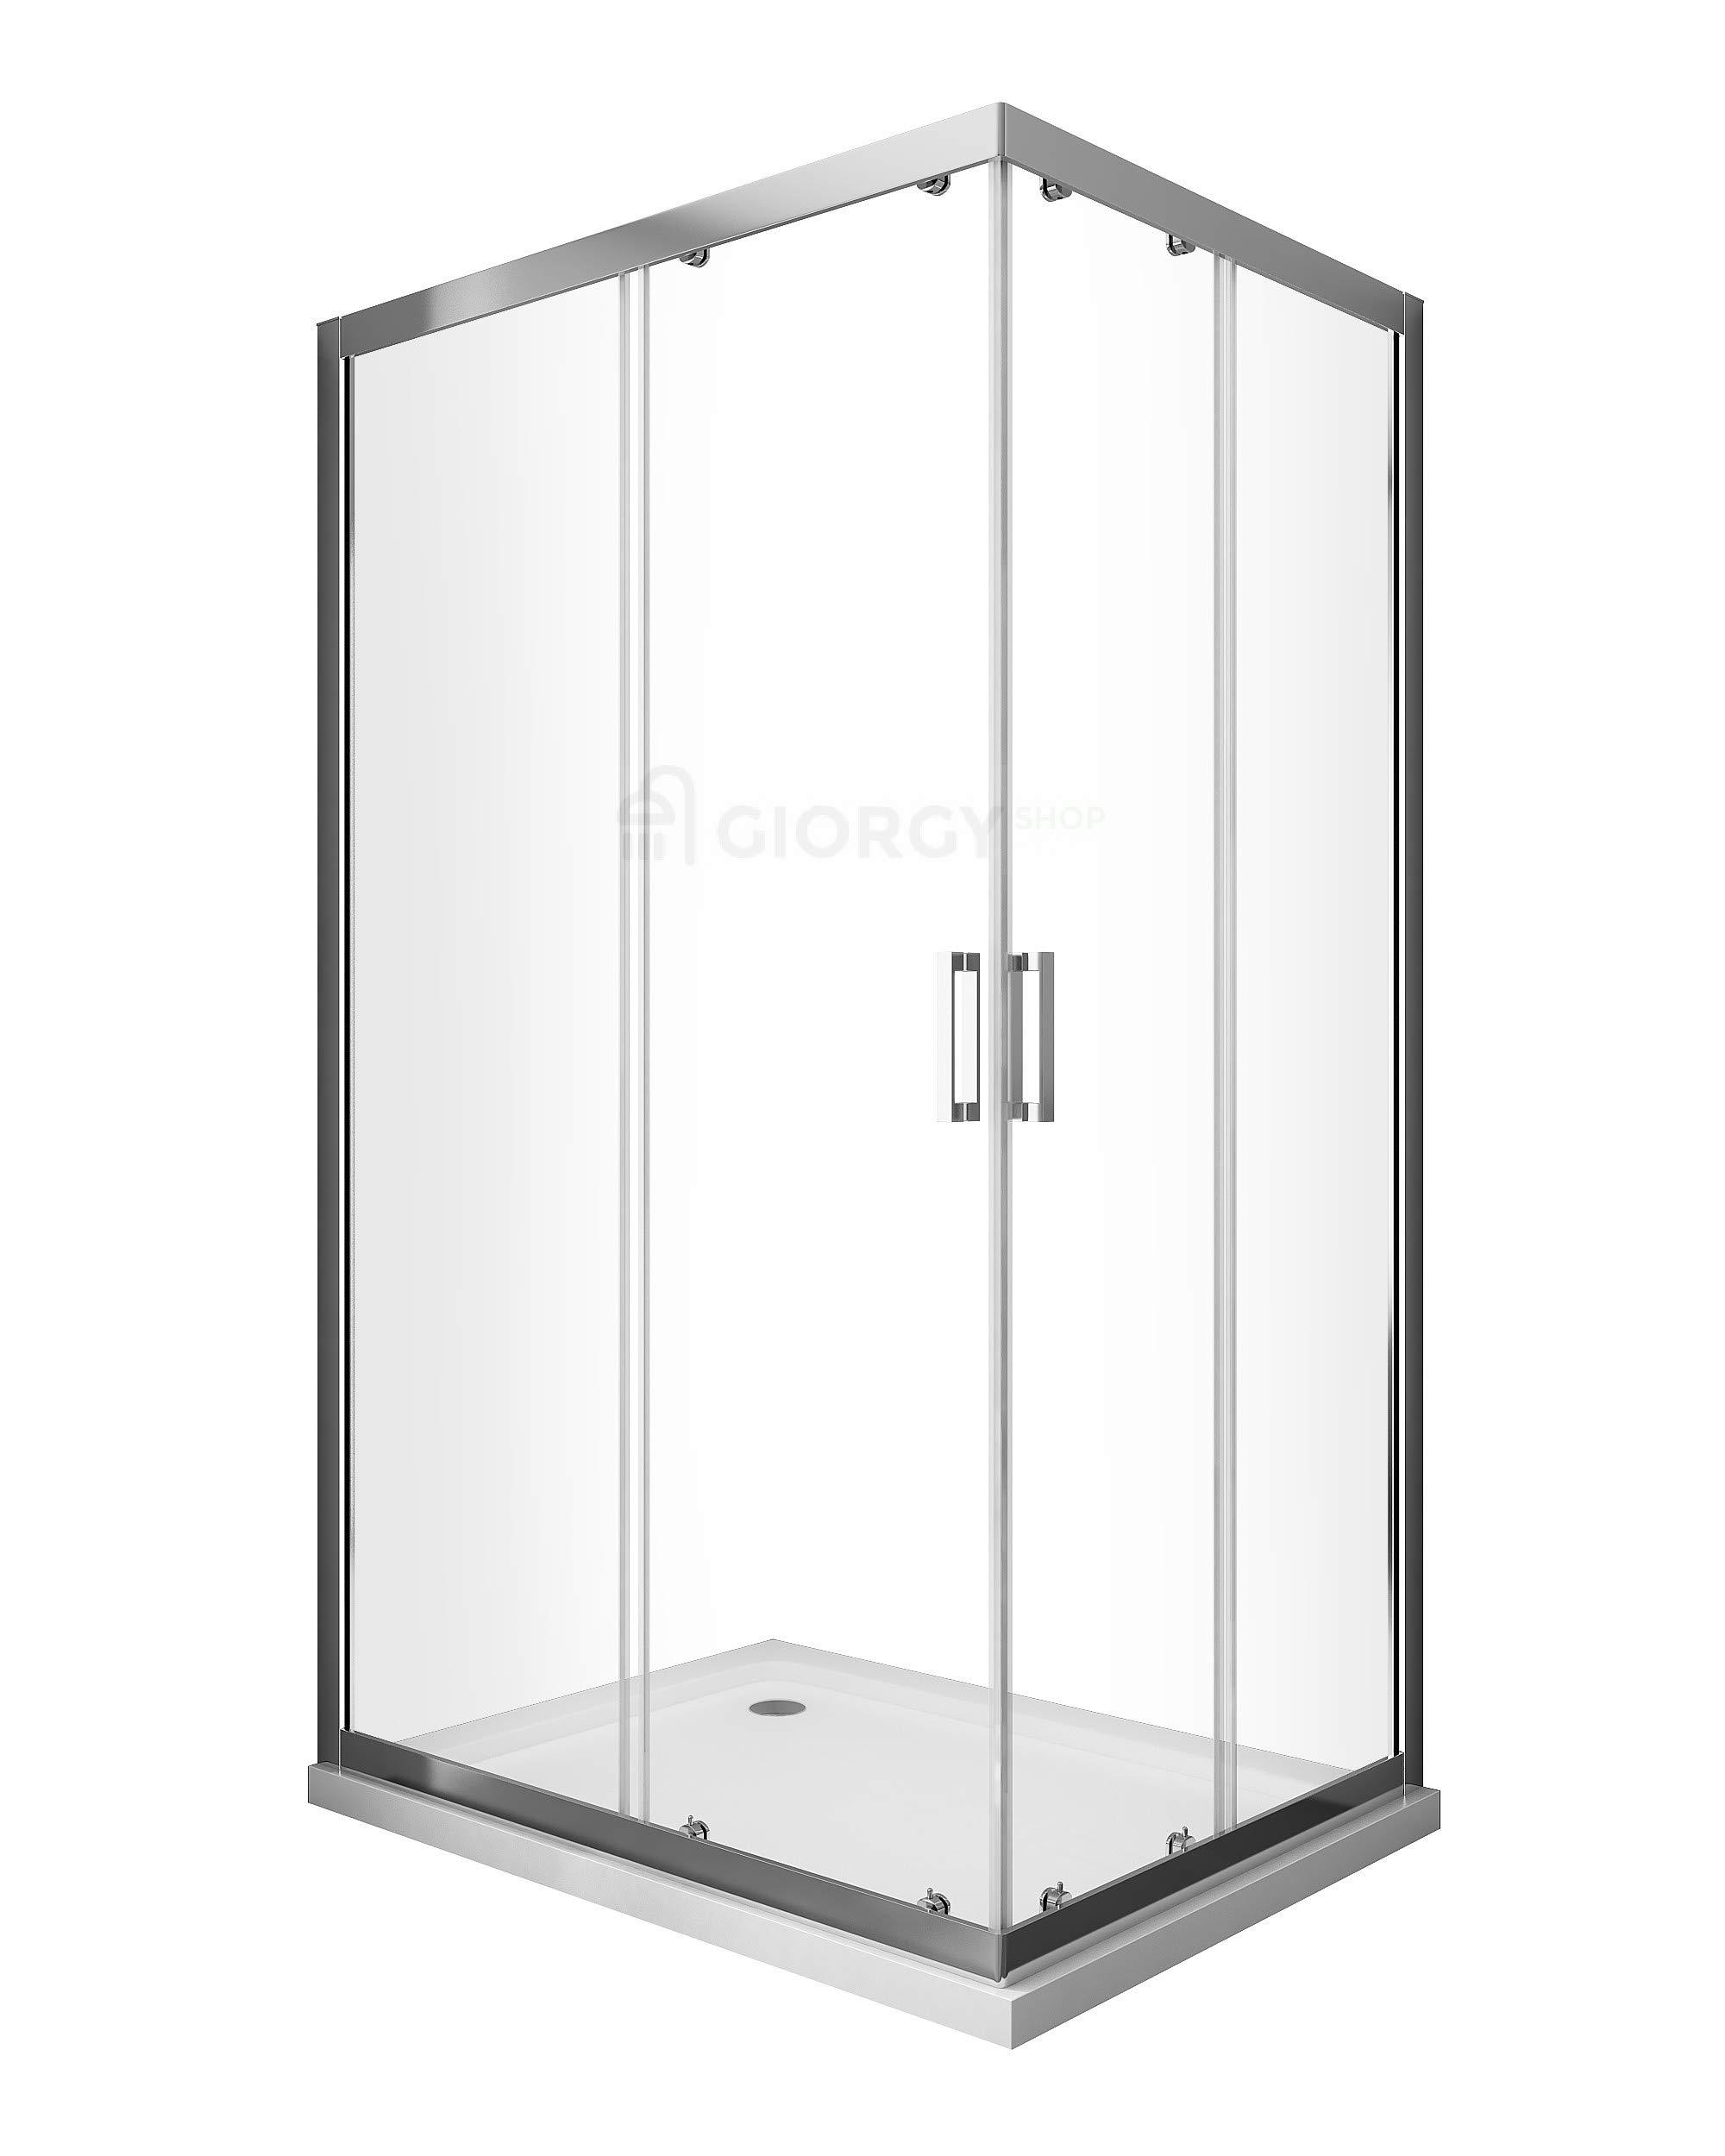 Cabina de ducha rectangular, 70, 75, 80, 90, 100, 110, 120, 130 ...